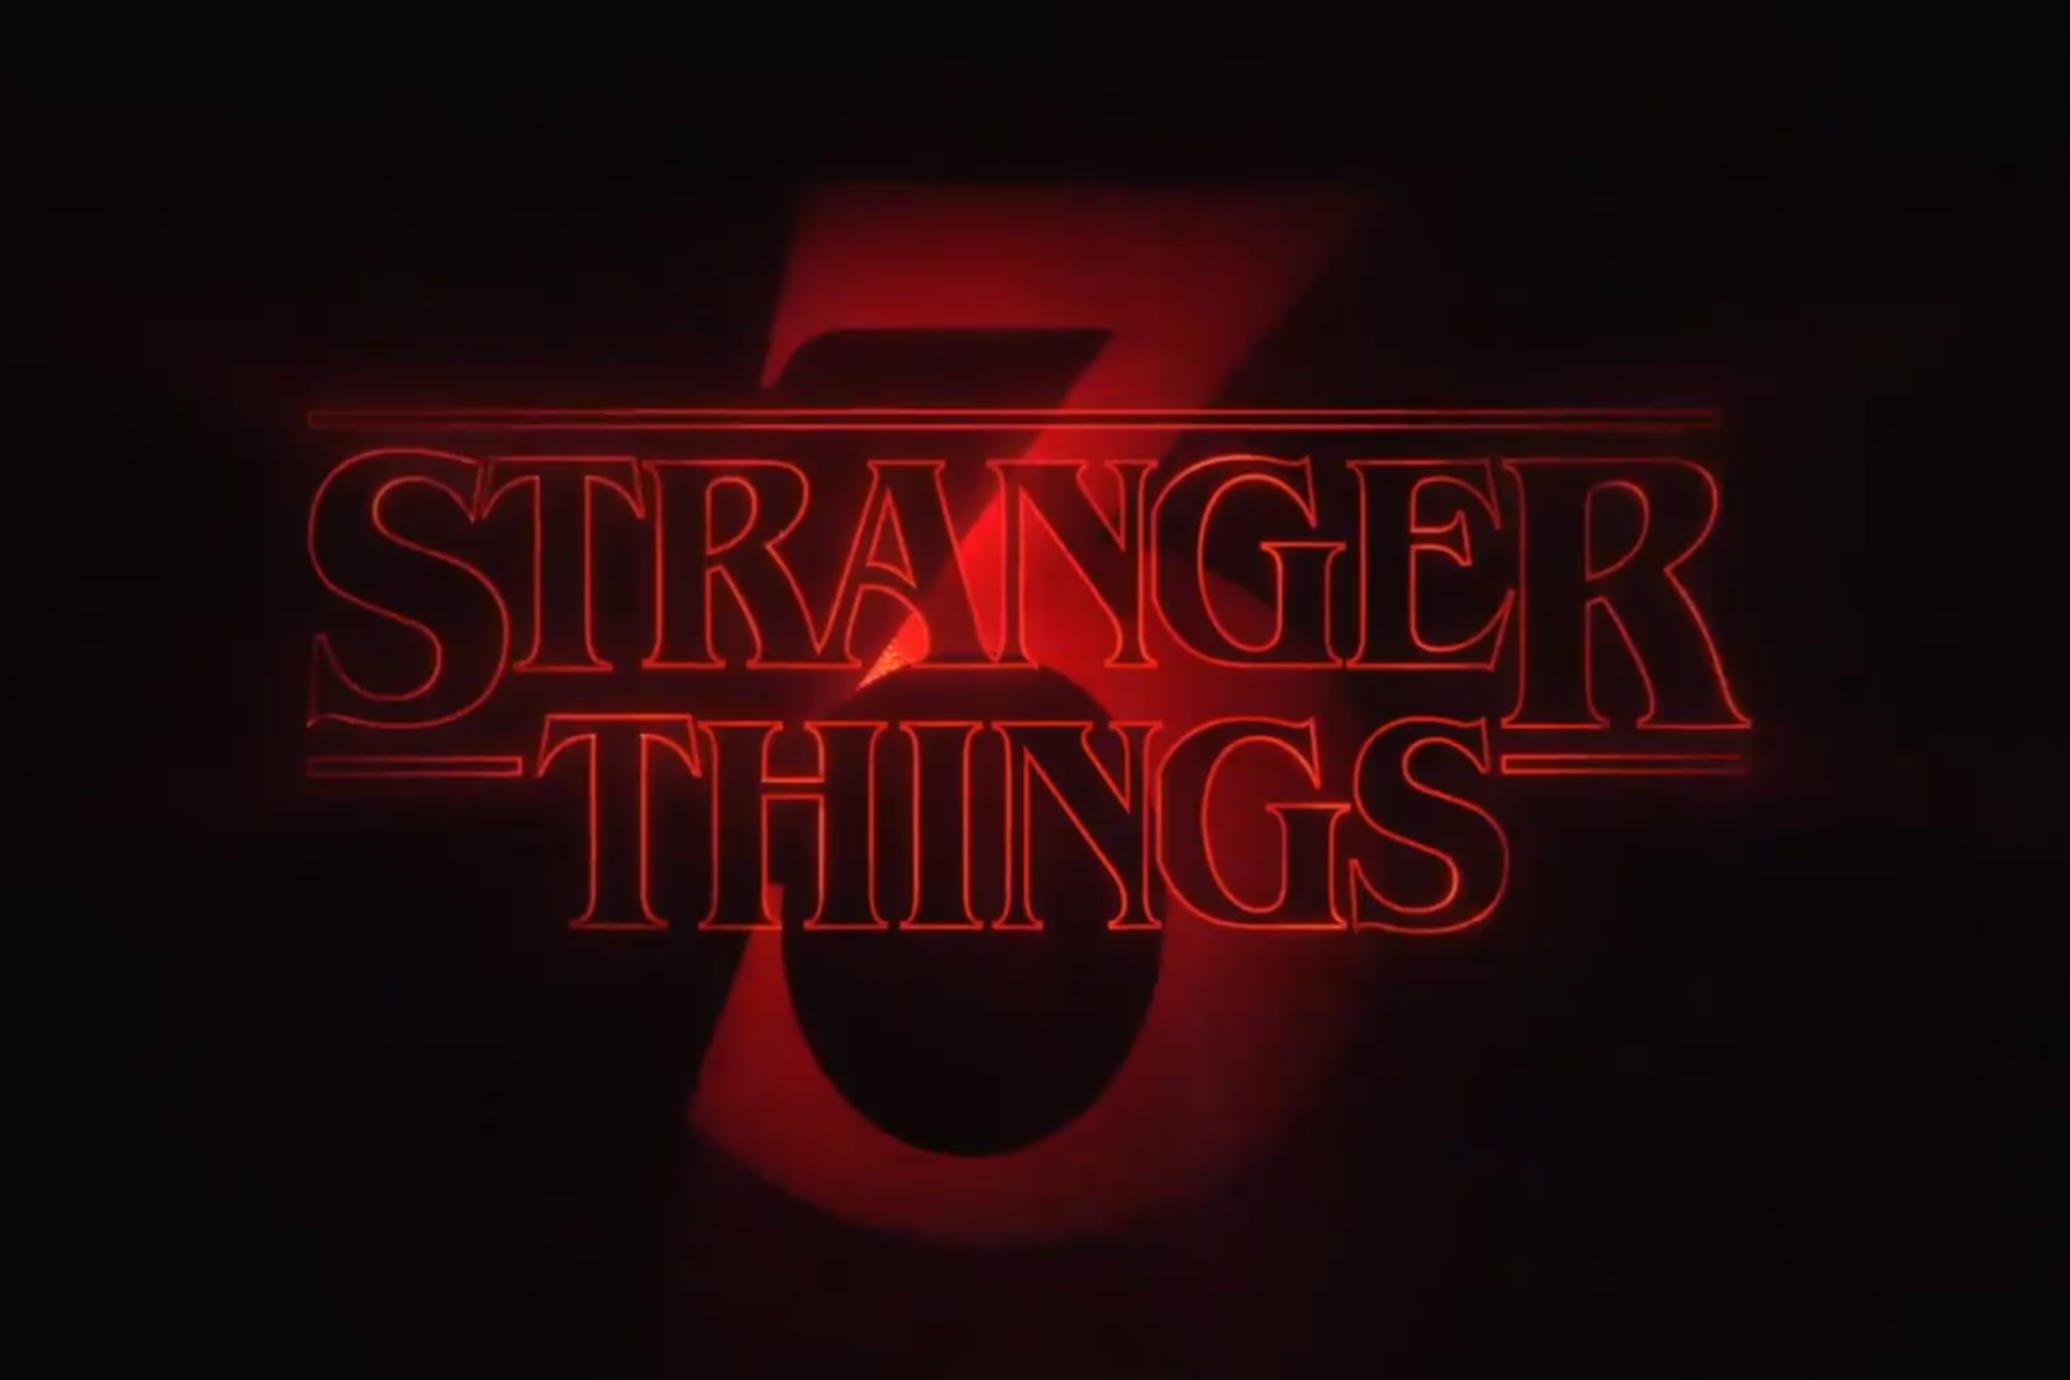 El trailer de New Stranger Things: Season 3 revela los títulos de los episodios